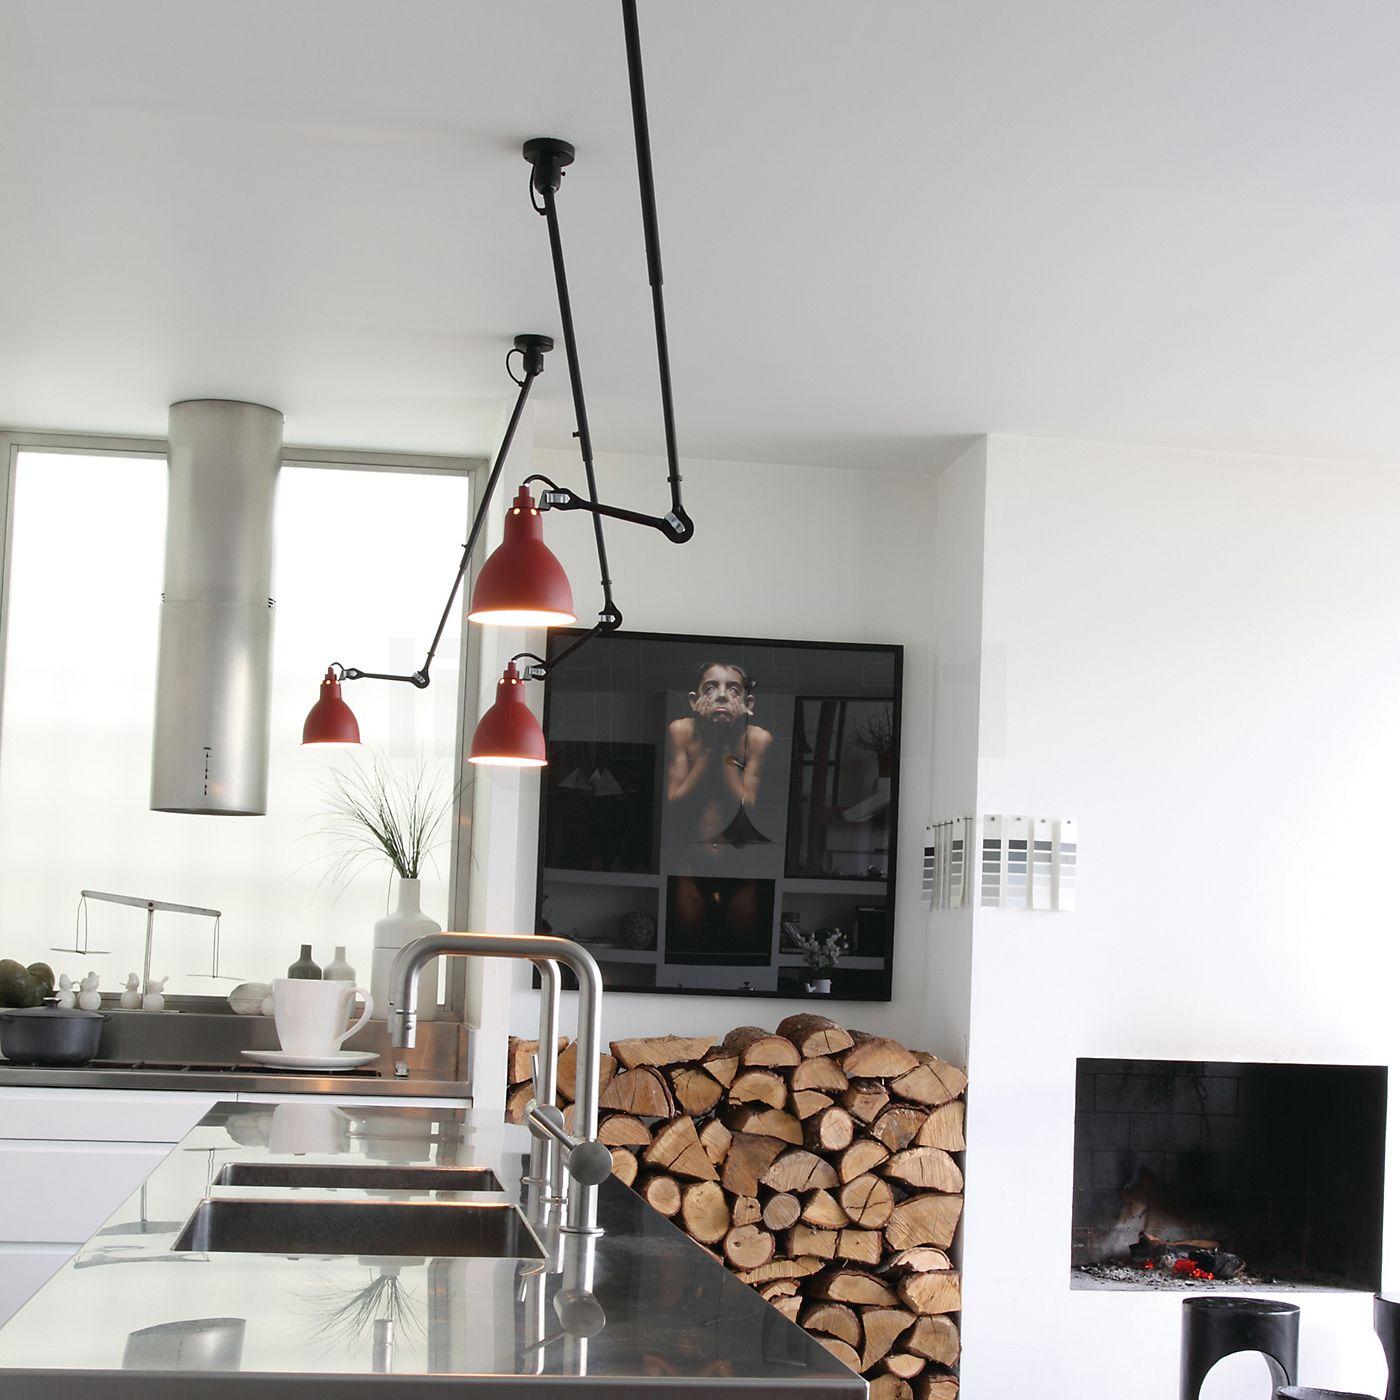 dcw lampe gras no 302 deckenleuchte | küchendesign modern